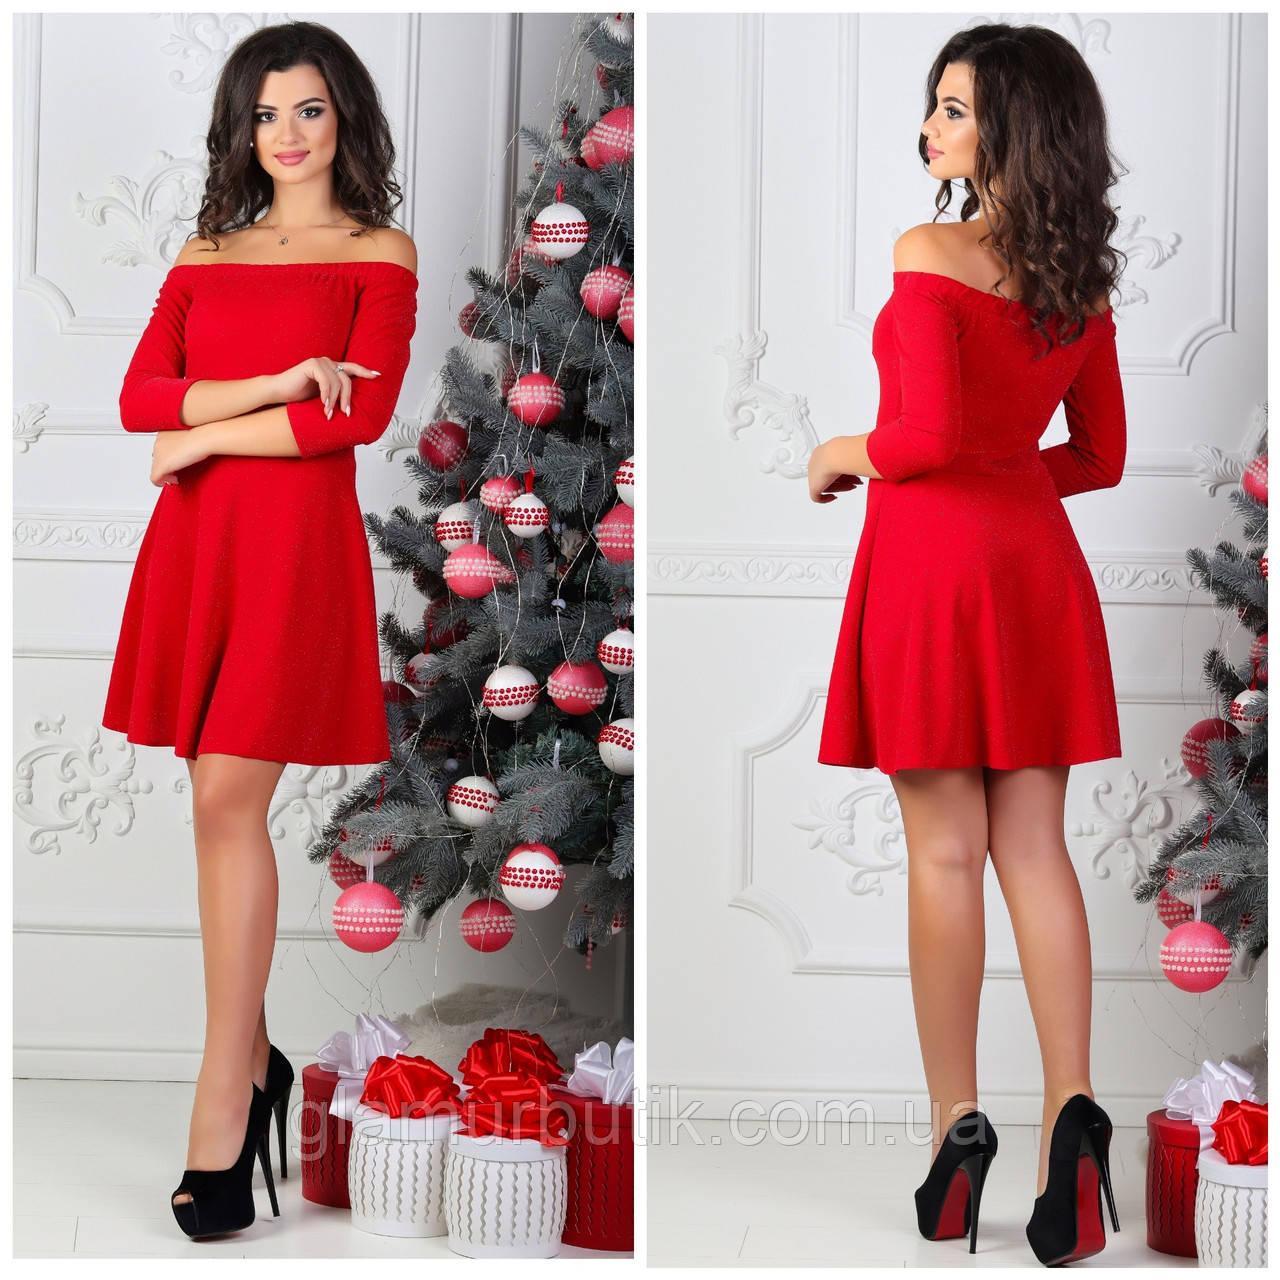 69c895a9e44 Нарядное выходное блестящее платье с люрексом и открытыми плечами красное  42 44 46